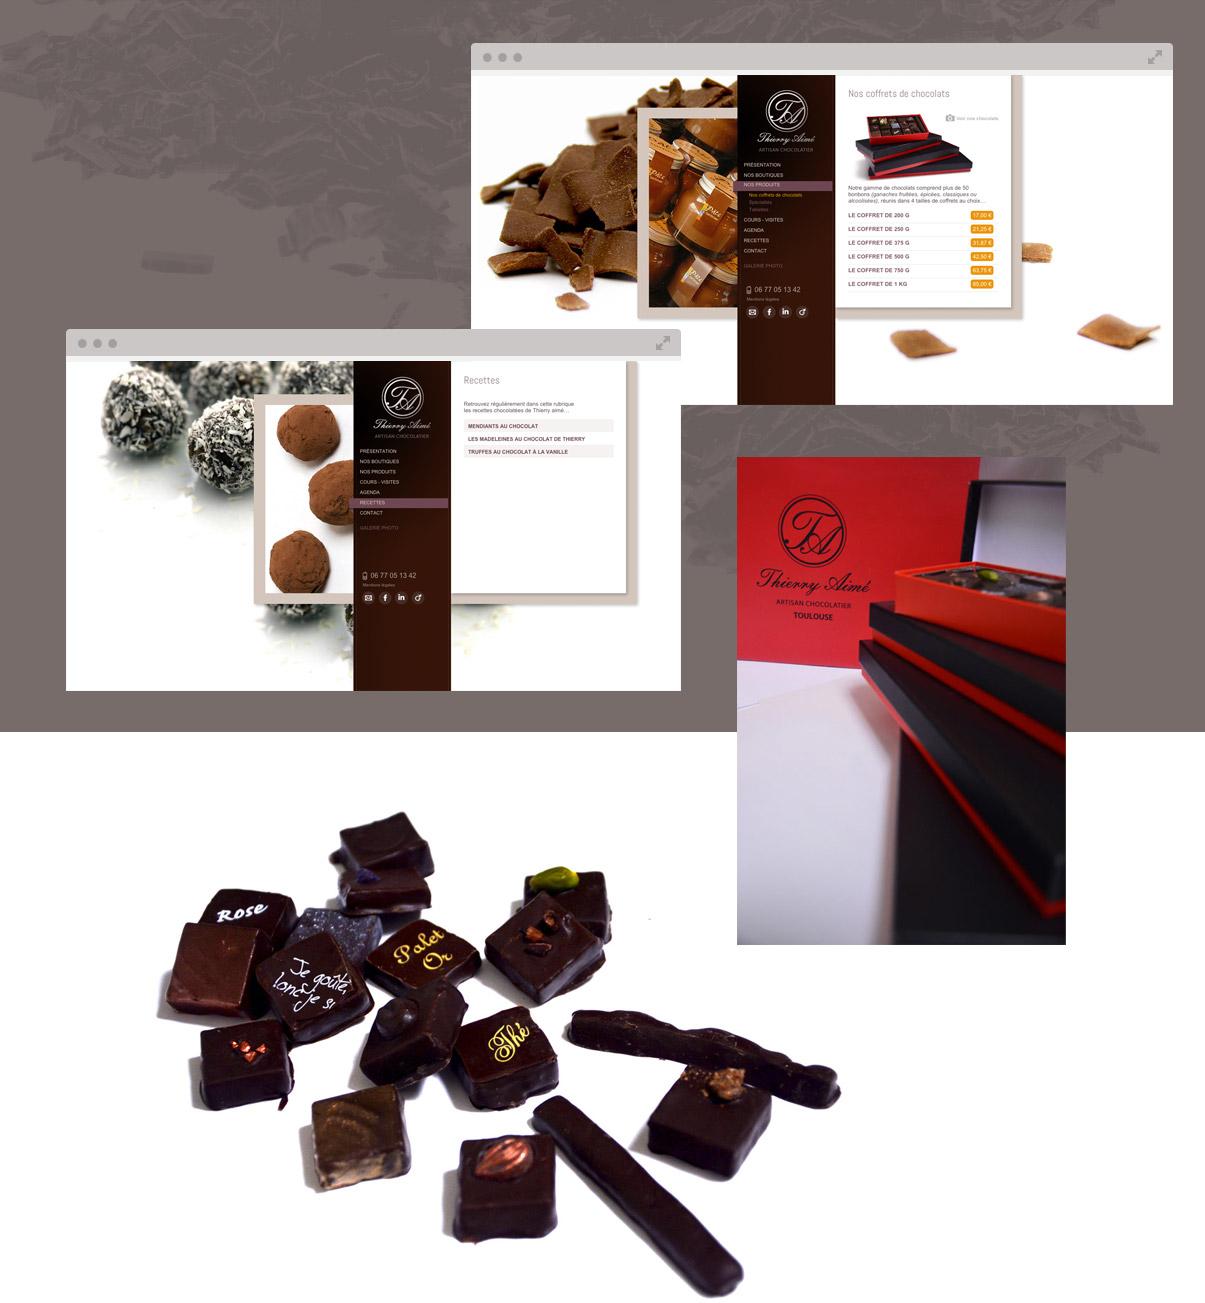 Thierry Aimé Chocolatier - Toulouse - Site internet - pages intérieures - © ovarma.com